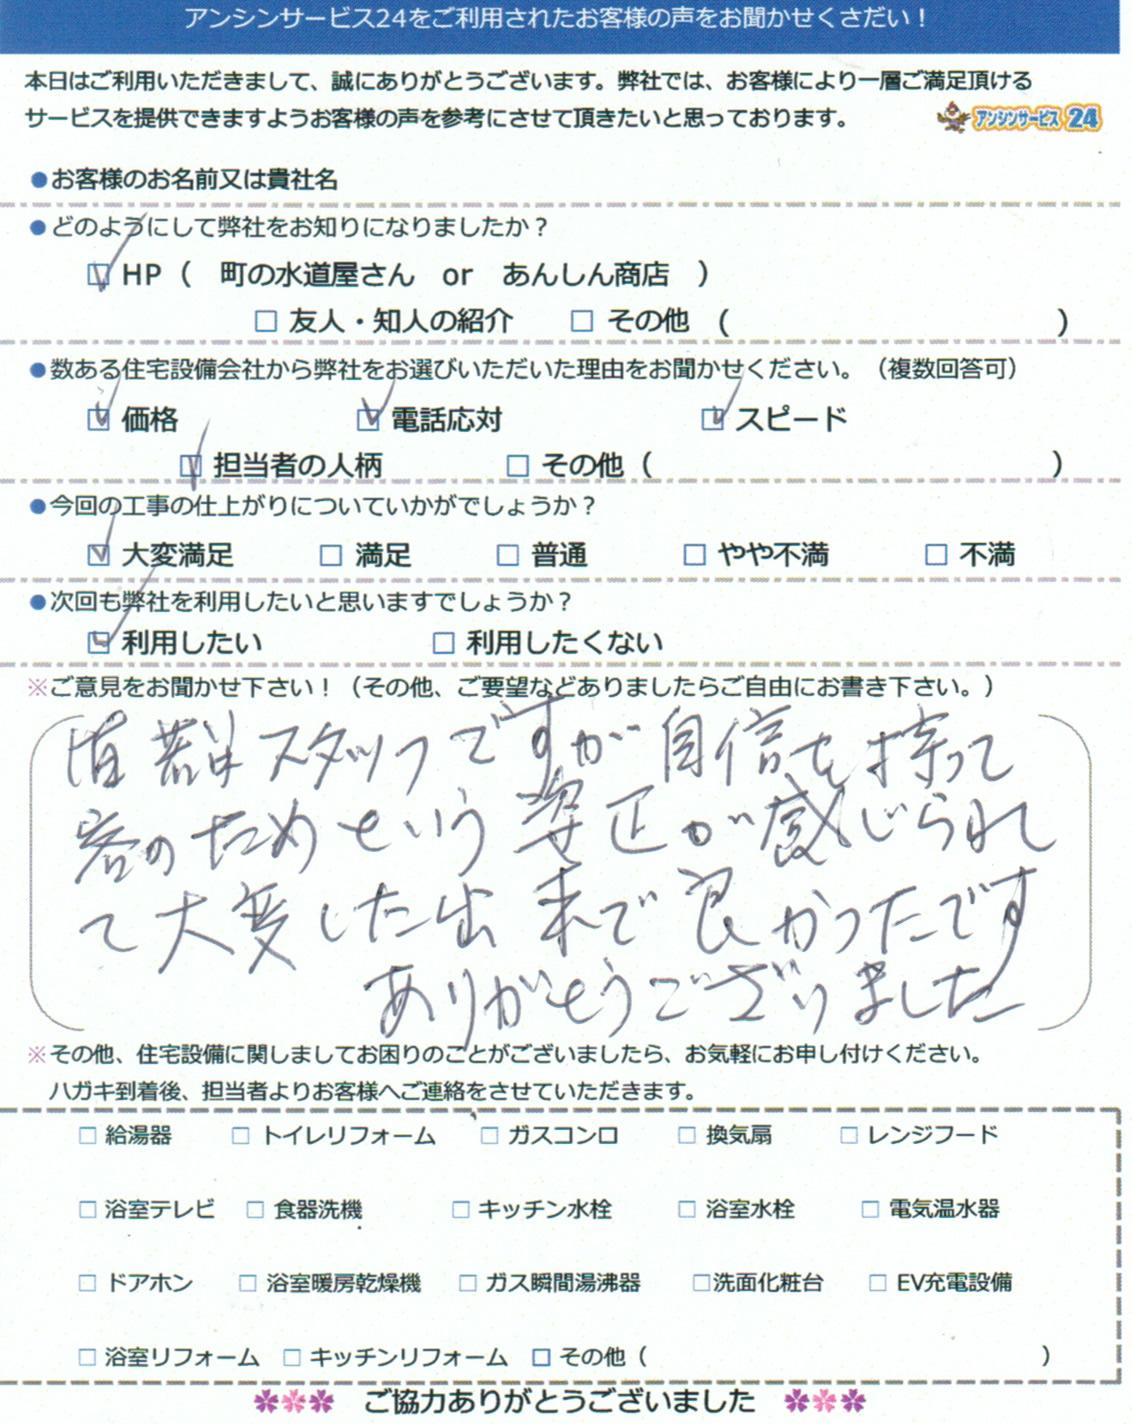 【ハガキ】愛知県刈谷市トイレリフォーム工事お客様の声【アンシンサービス24】